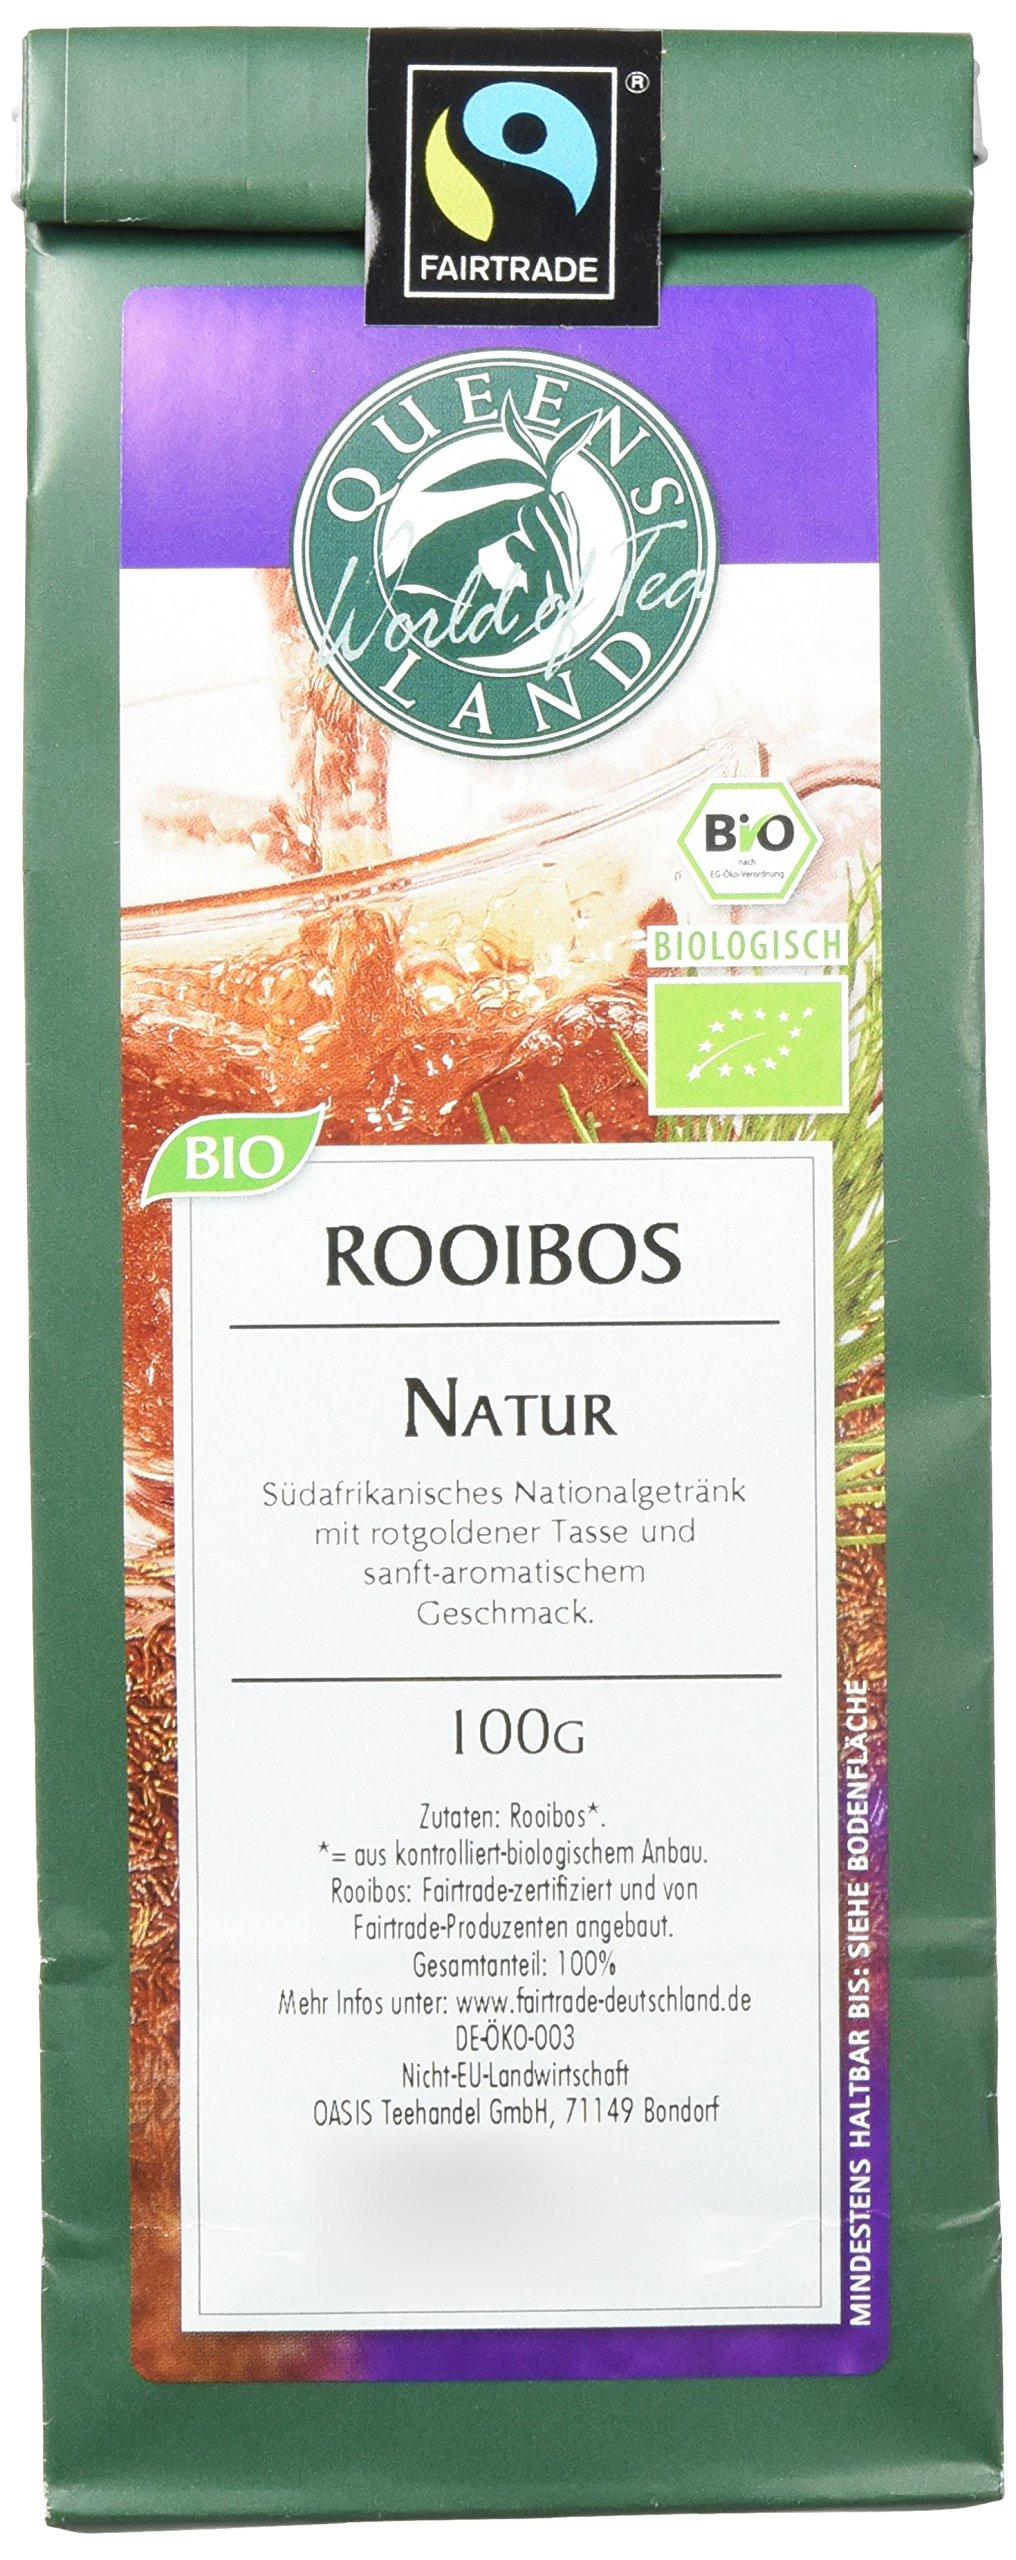 Queensland-Rooibos-Natur-TransFair-lose-2er-Pack-2-x-100-g-Bio